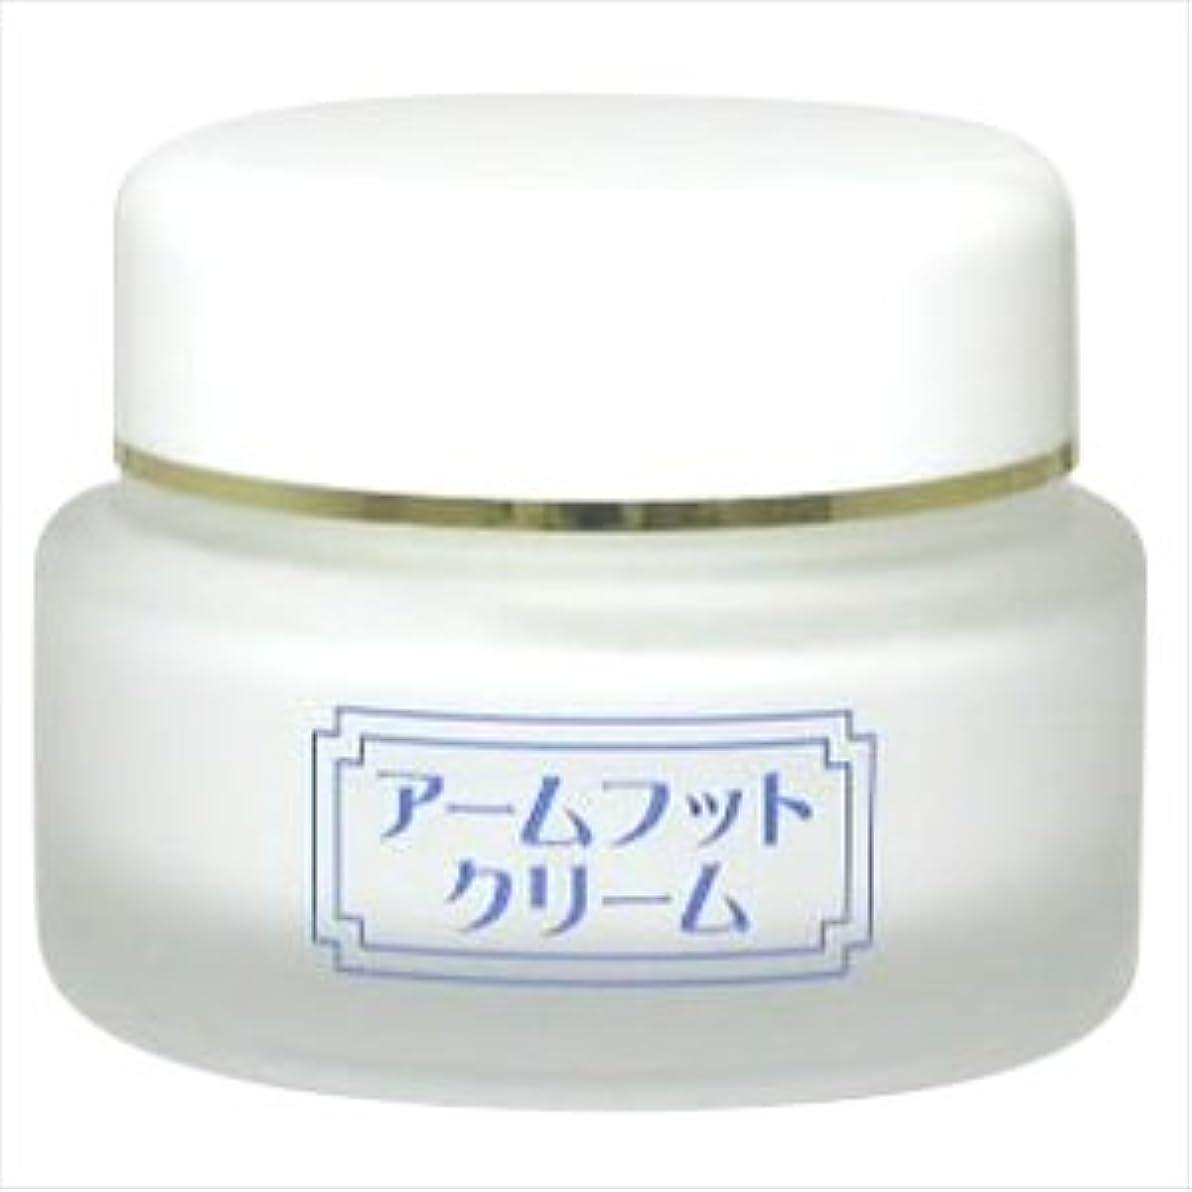 呪いオークランド農民薬用デオドラントクリーム アームフットクリーム(20g) (1個)